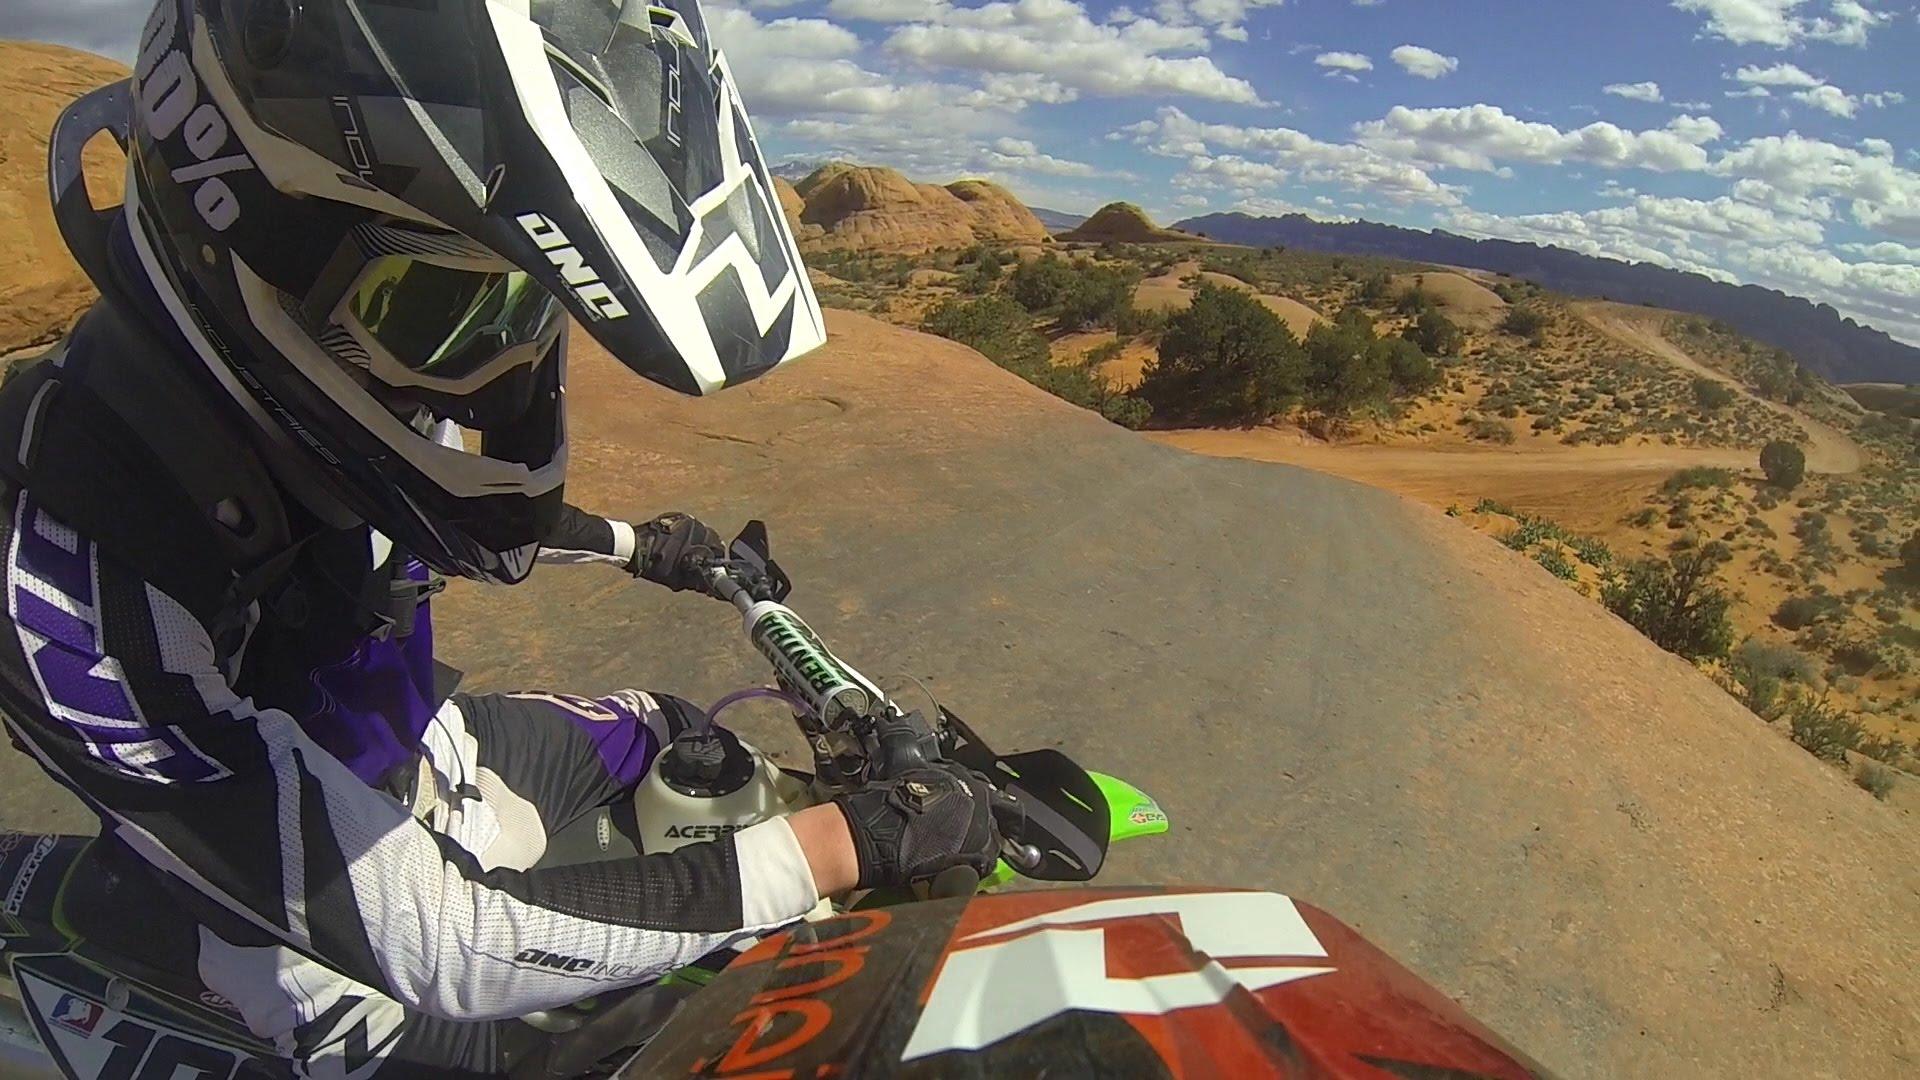 Onboard: Moab Moto Adventure